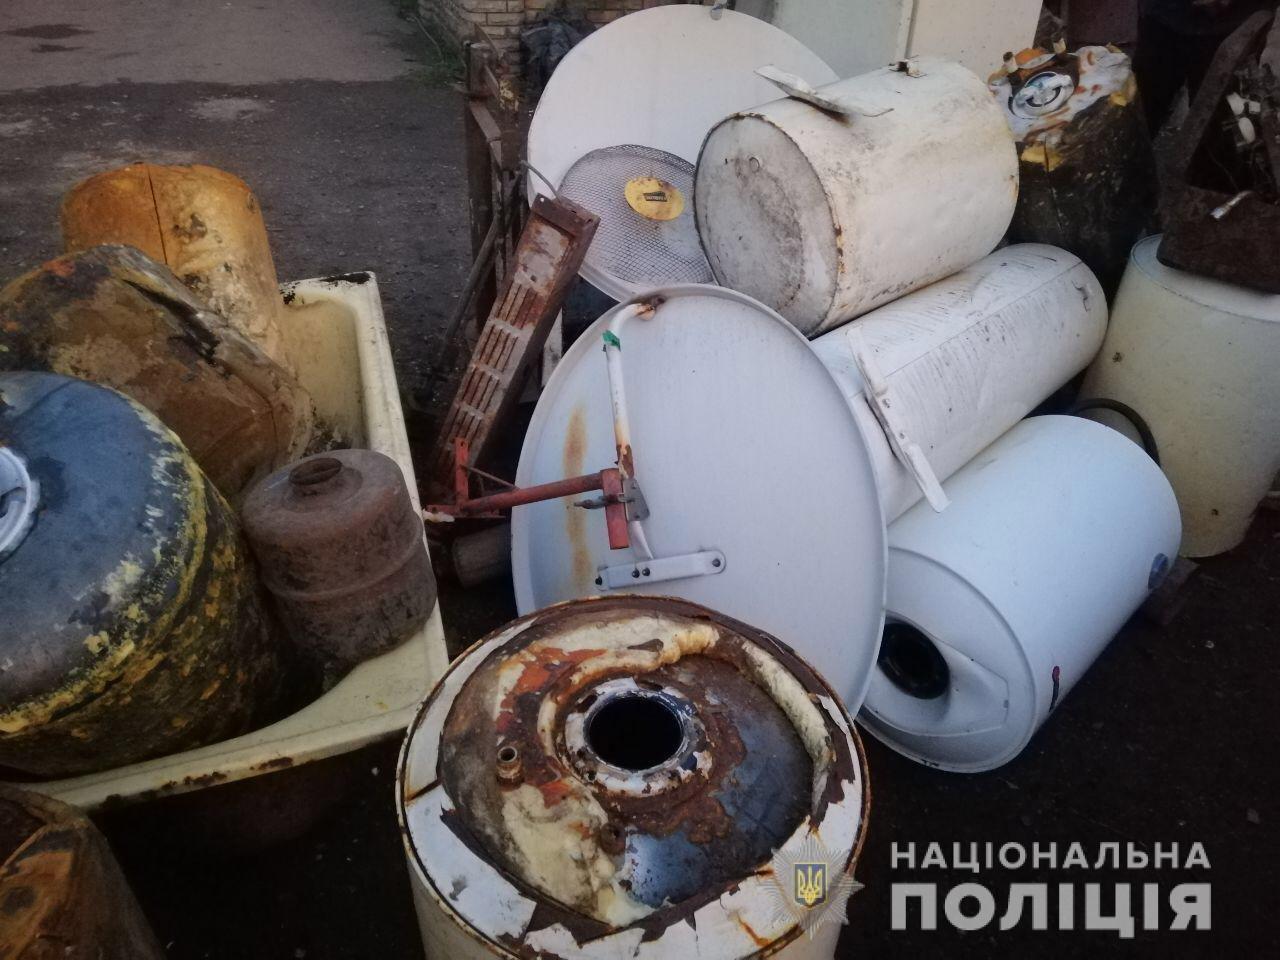 В Днепропетровской области полиция обнаружила более тонны металлолома в незаконном пункте приема, - ФОТО, фото-2